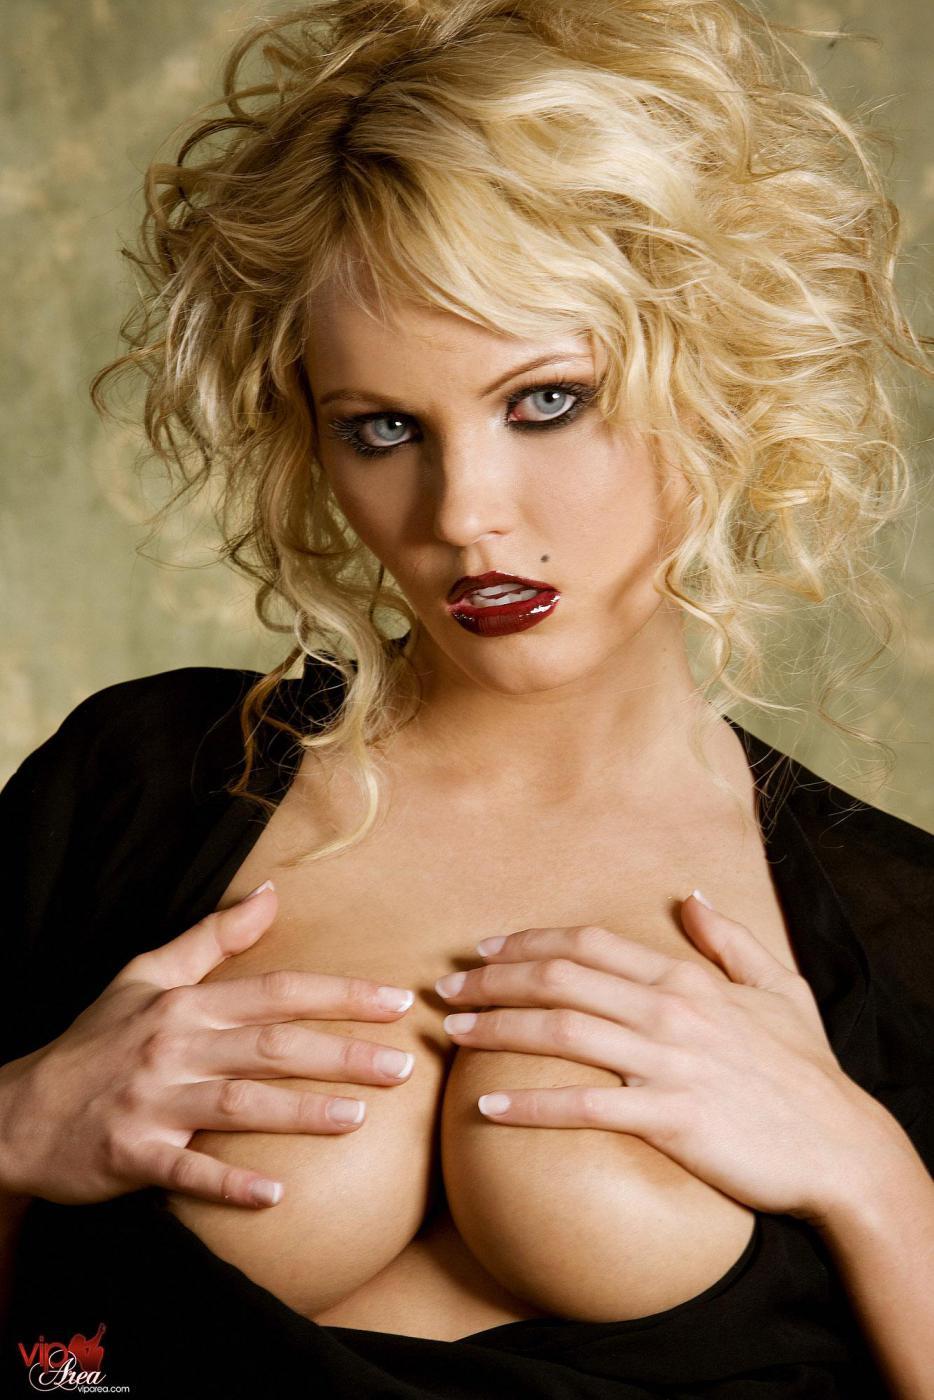 Соблазнительная блондинка в пошлом белье Hanna Hilton демонстрирует свою большие буфера и пилотку